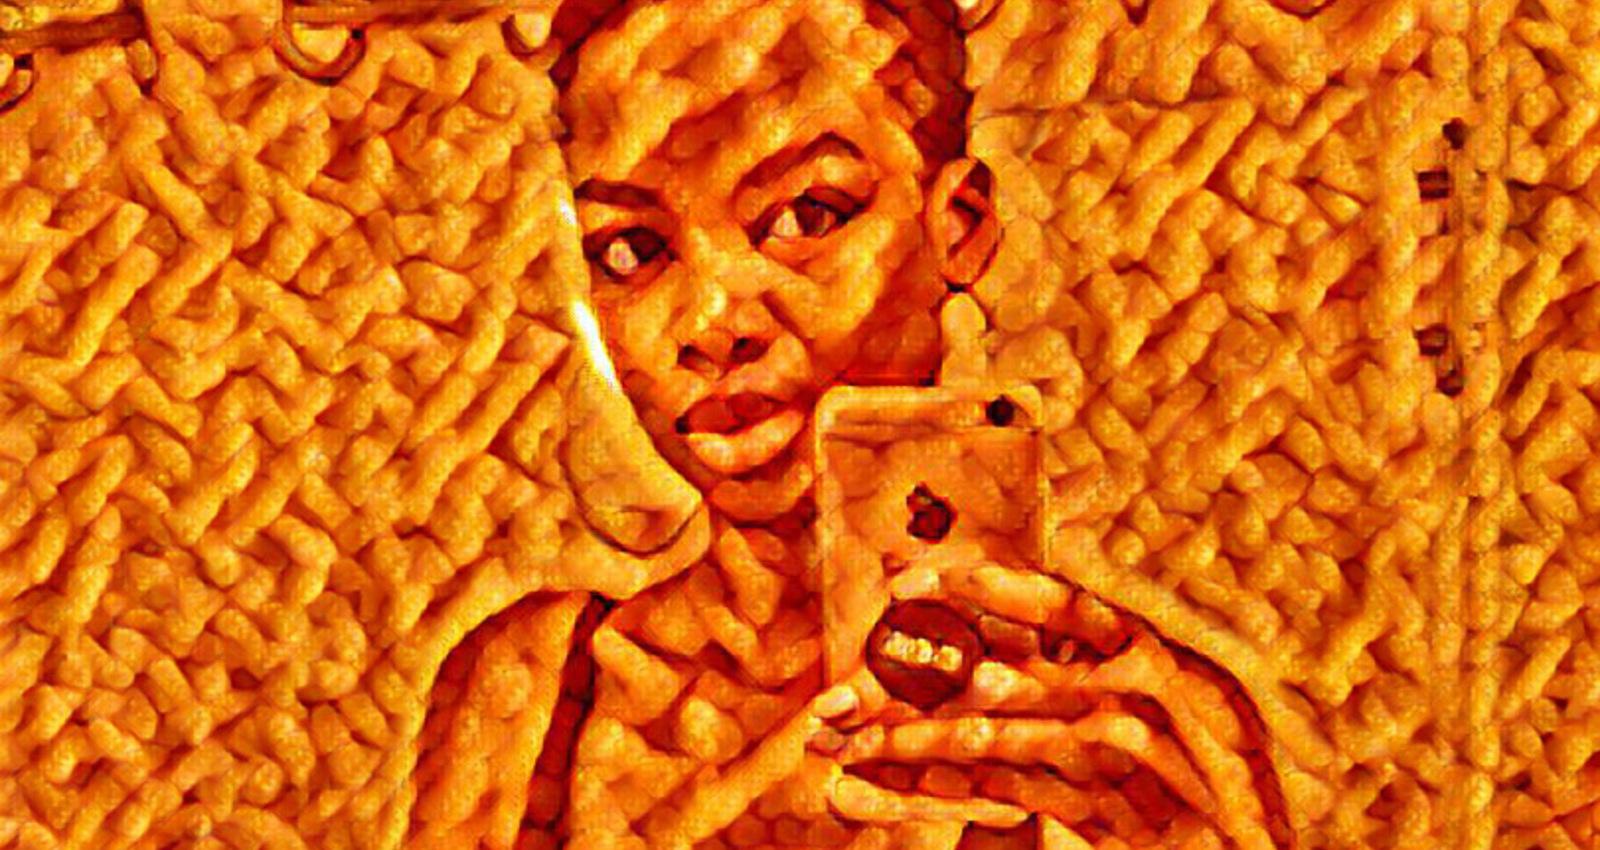 Cheetos Vision